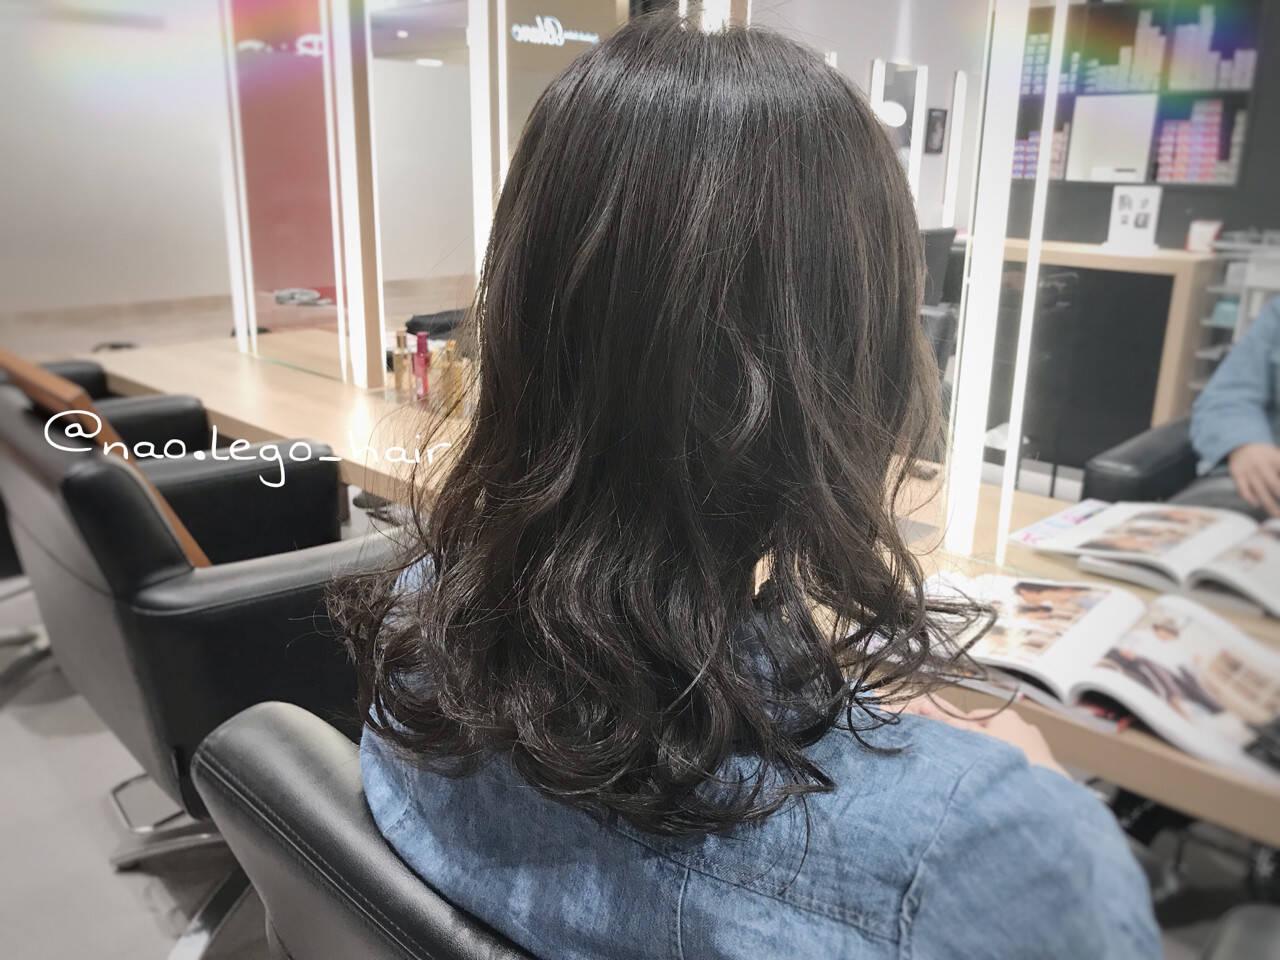 オフィス ナチュラル ヘアアレンジ ミディアムヘアスタイルや髪型の写真・画像